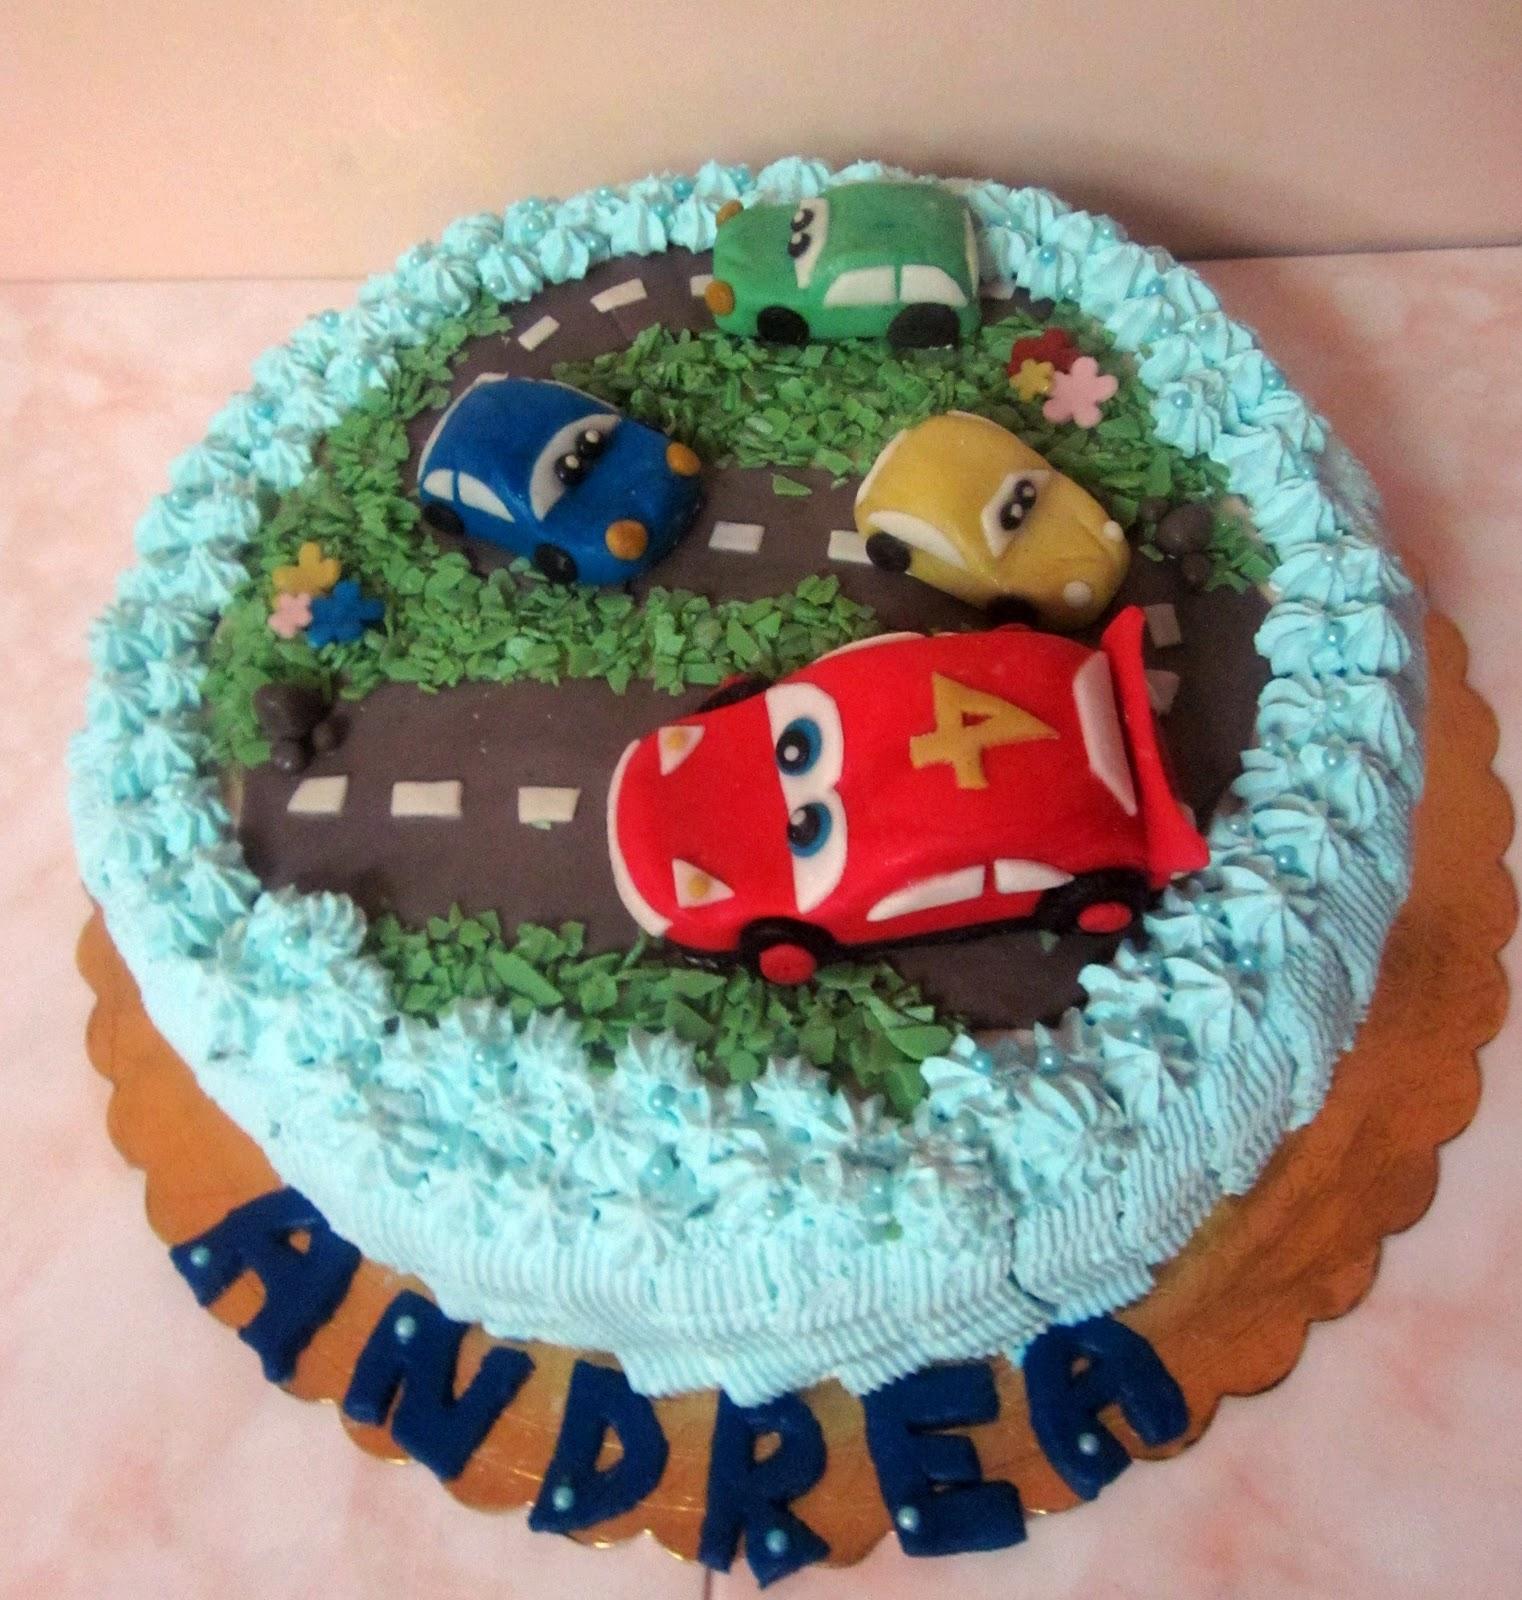 La pasticceria di gloria torta decorata ispirata a cars